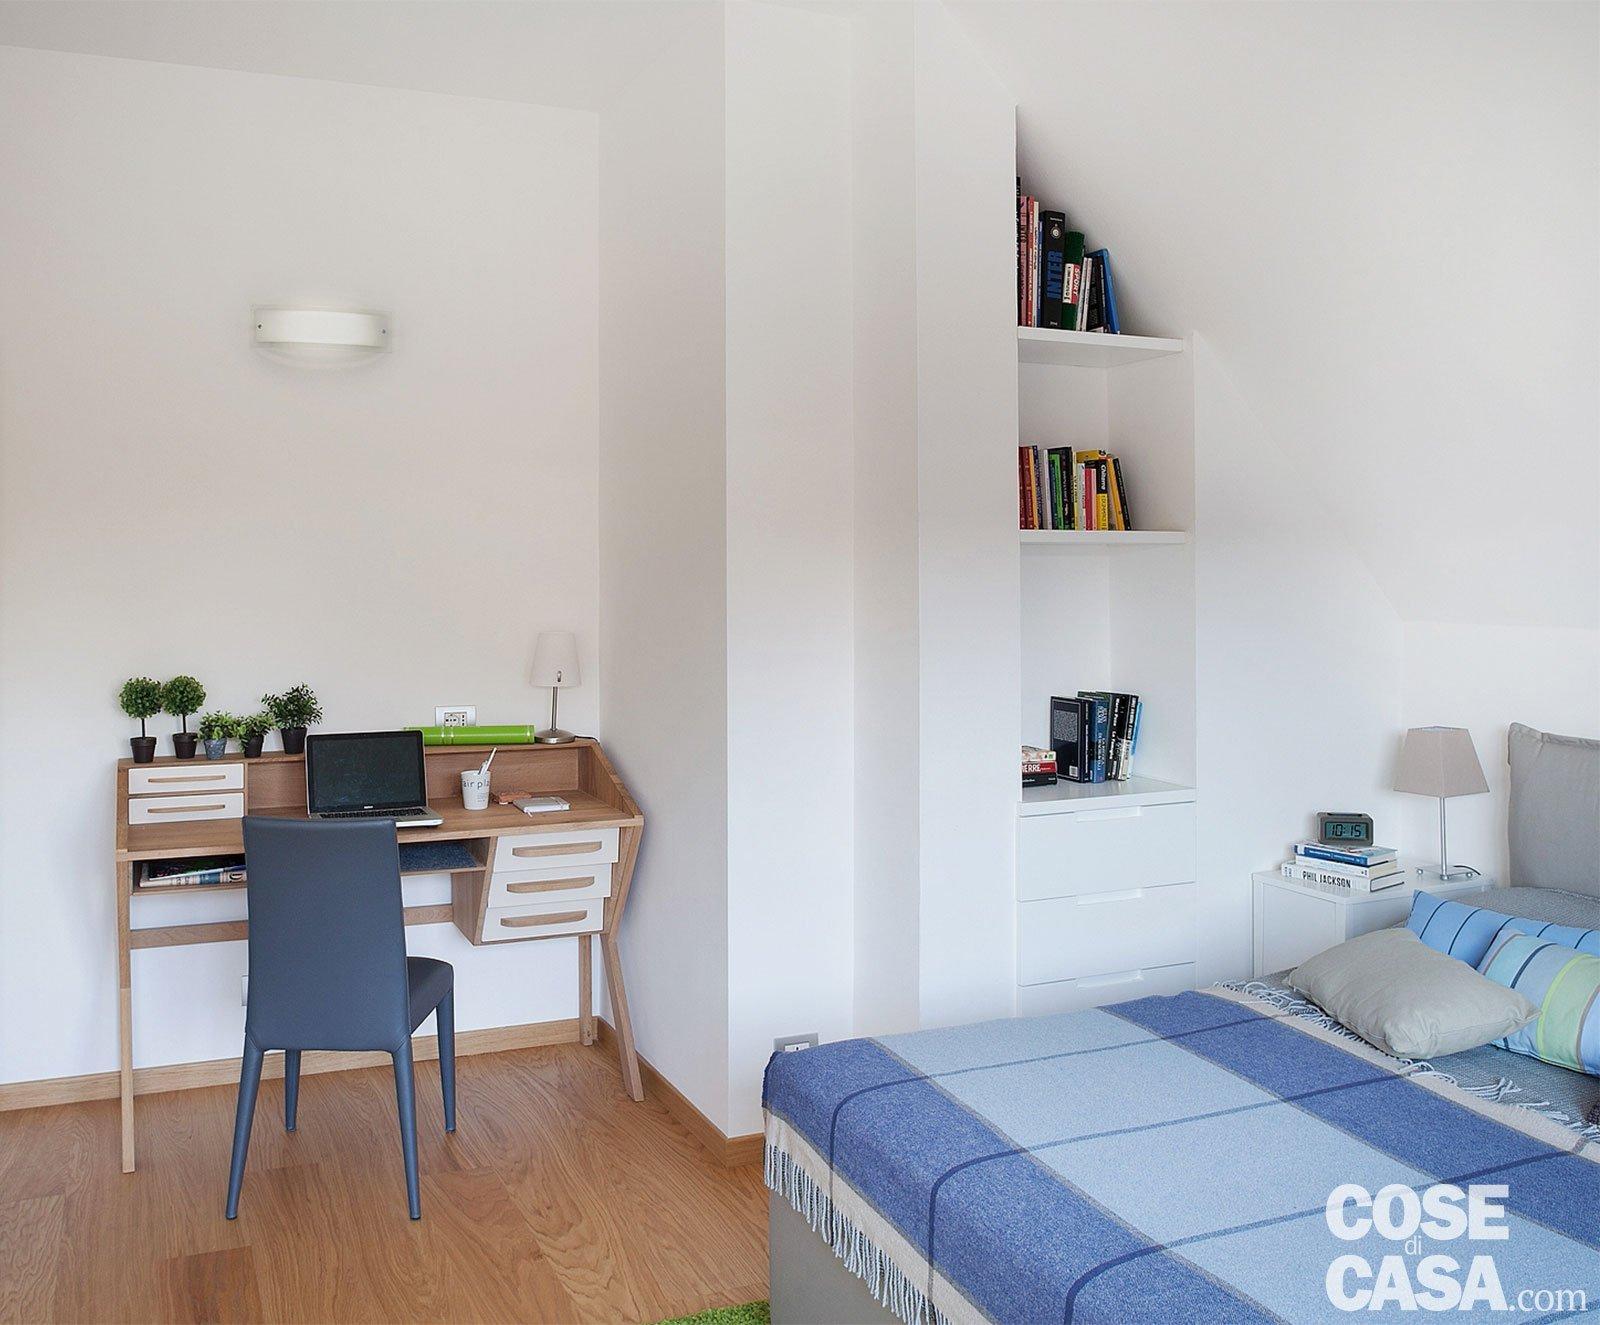 Camera da letto nicchia libreria cose di casa - Camera da letto con libreria ...